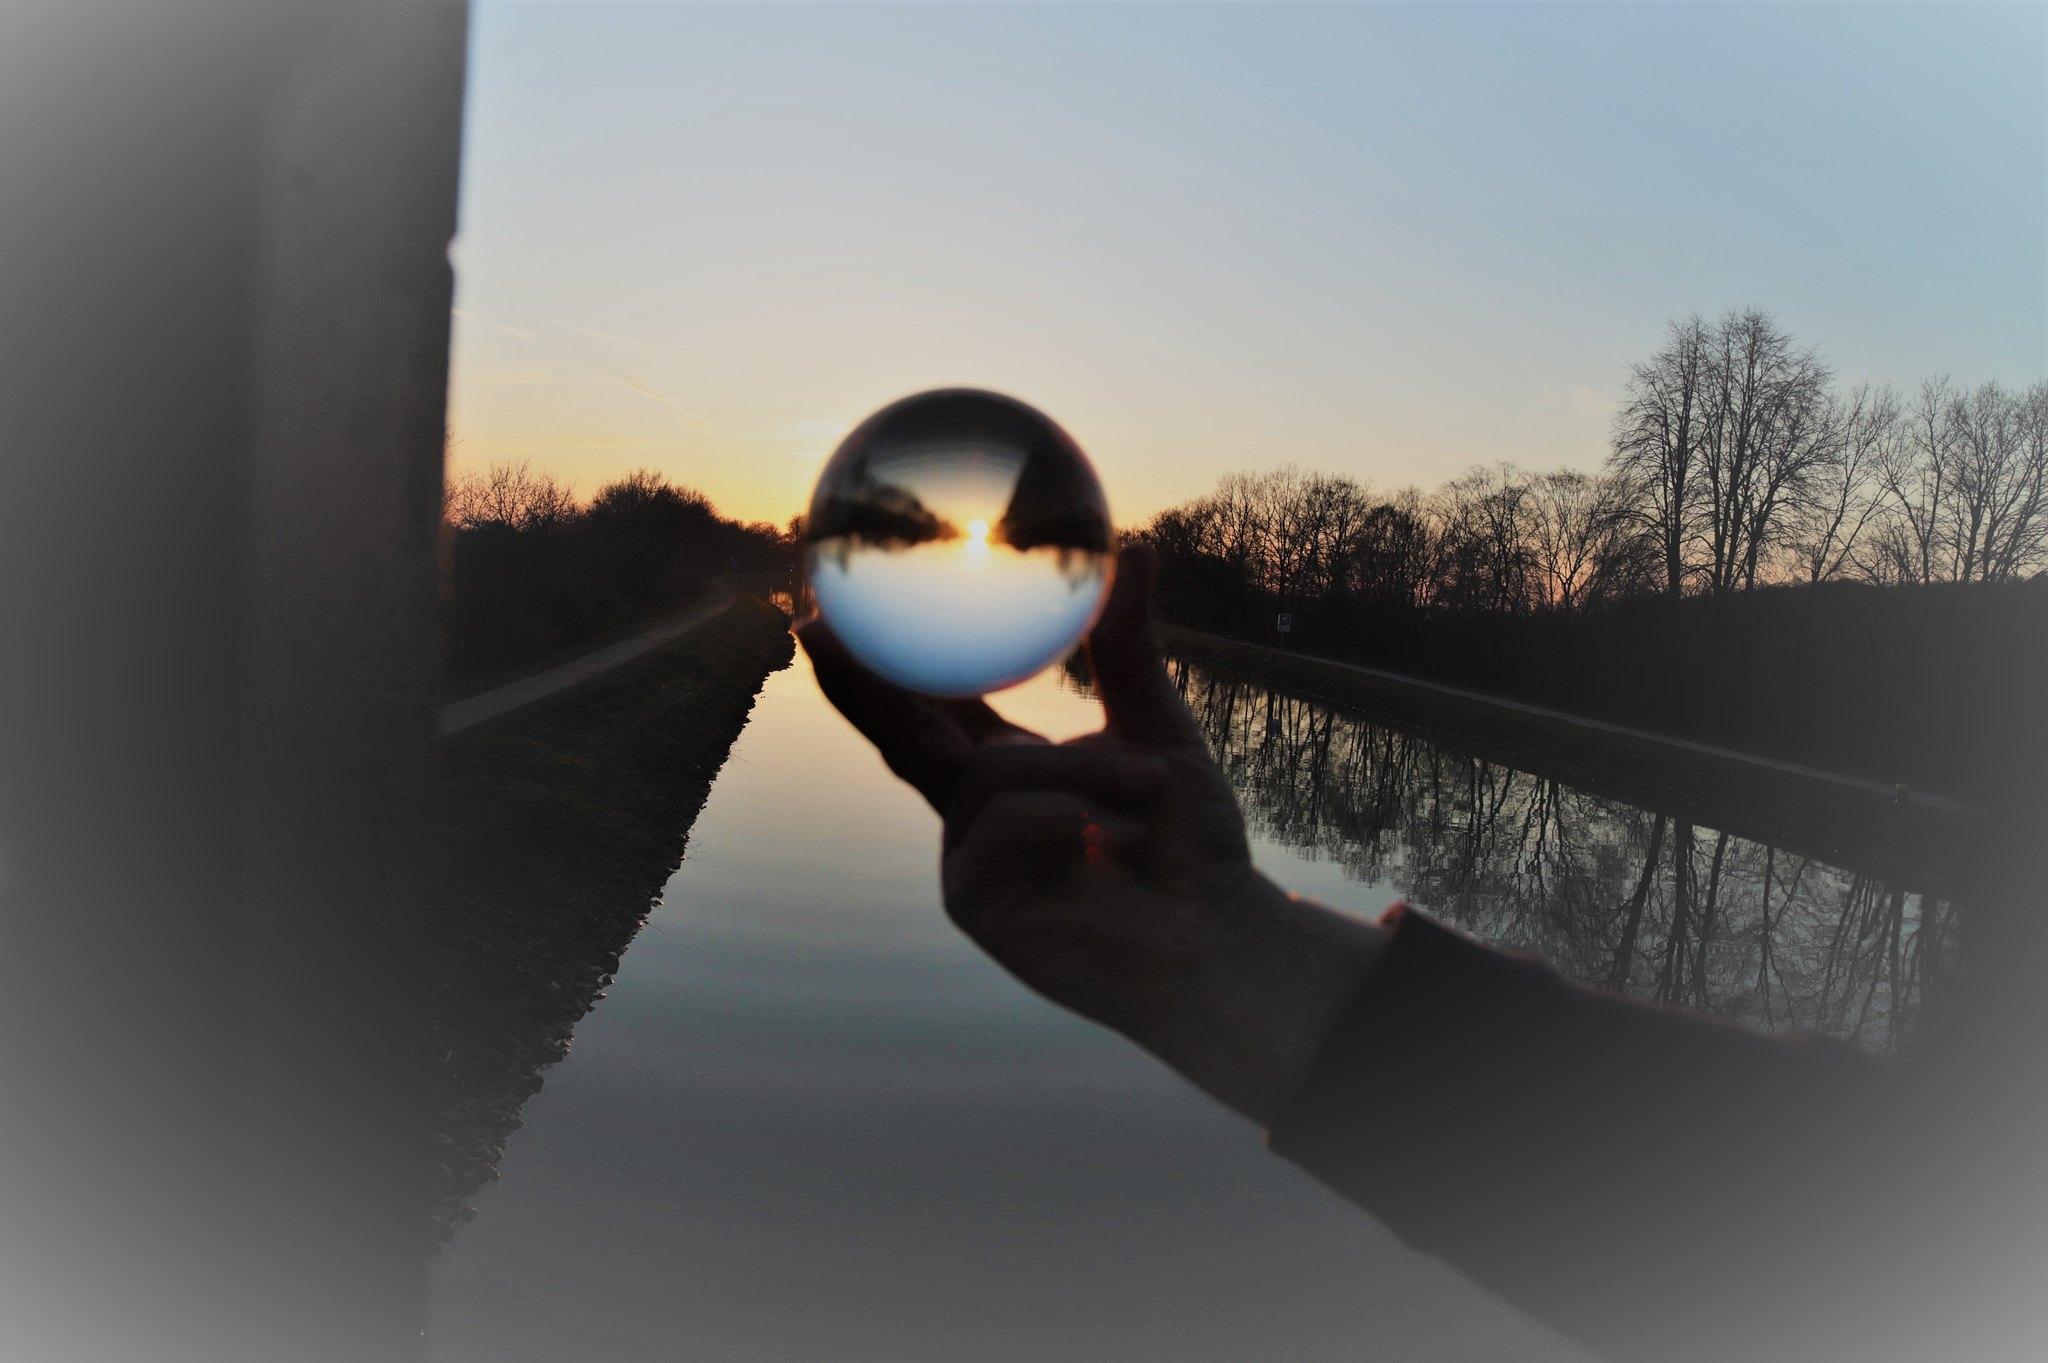 Durch-die-Glaskugel_04-1_2021_011